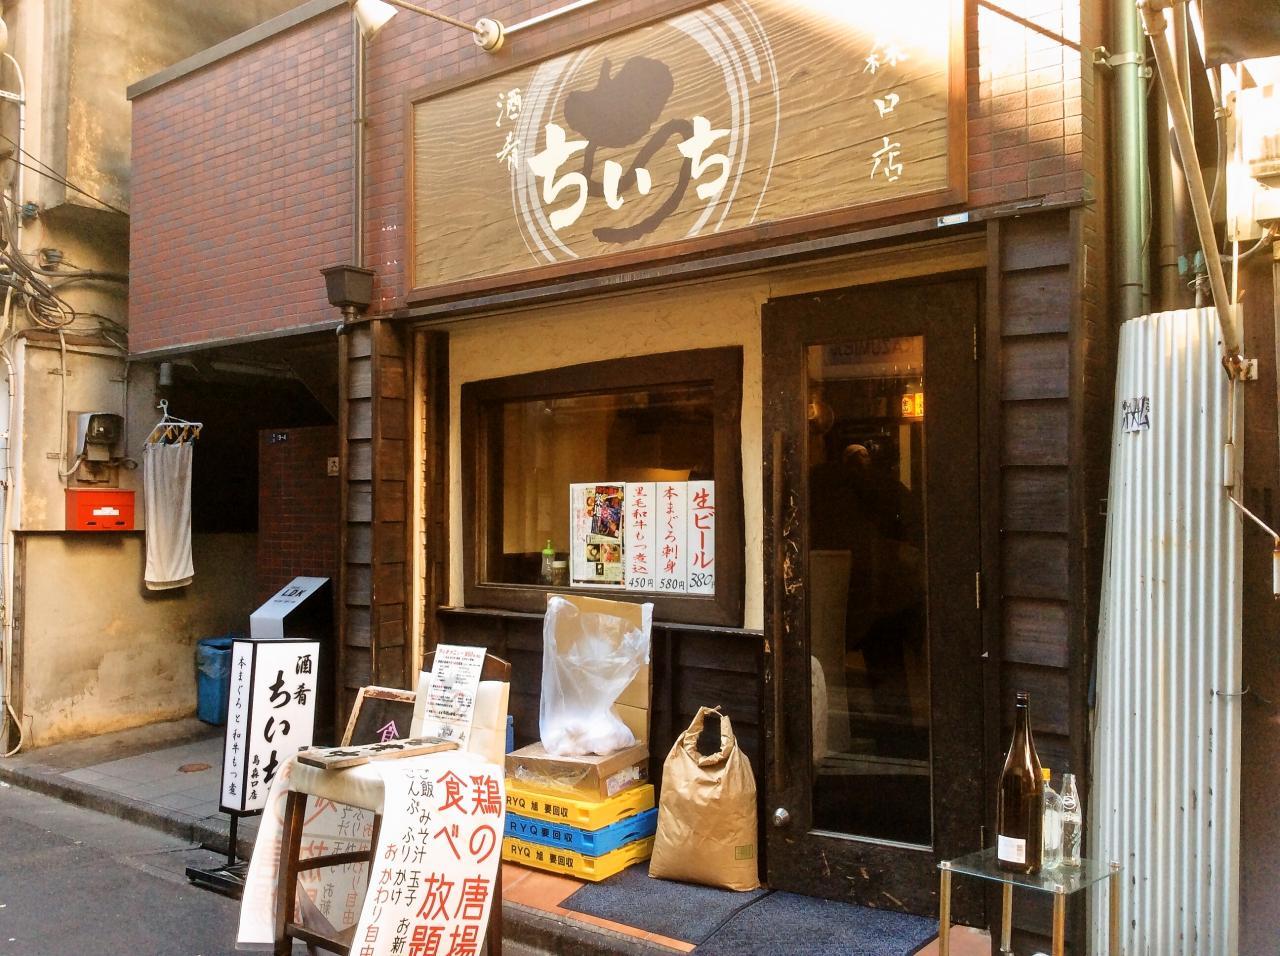 酒肴ちいち烏森口店(店舗外観)